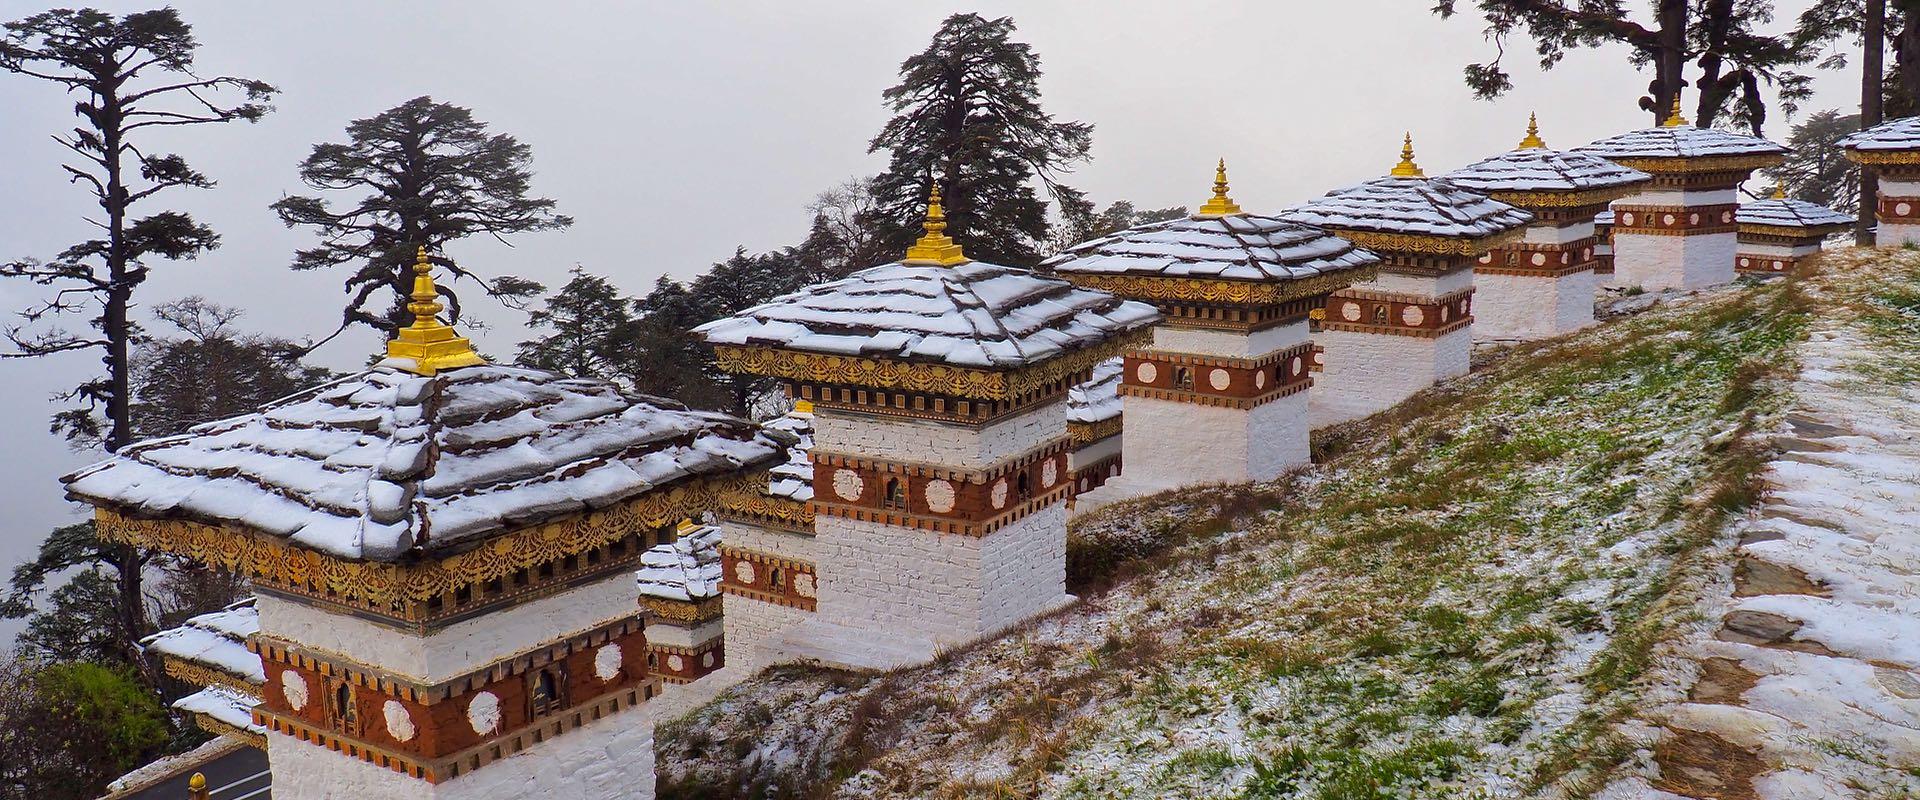 private bhutan tours, custom tours bhutan, private tours bhutan, luxury tours bhutan